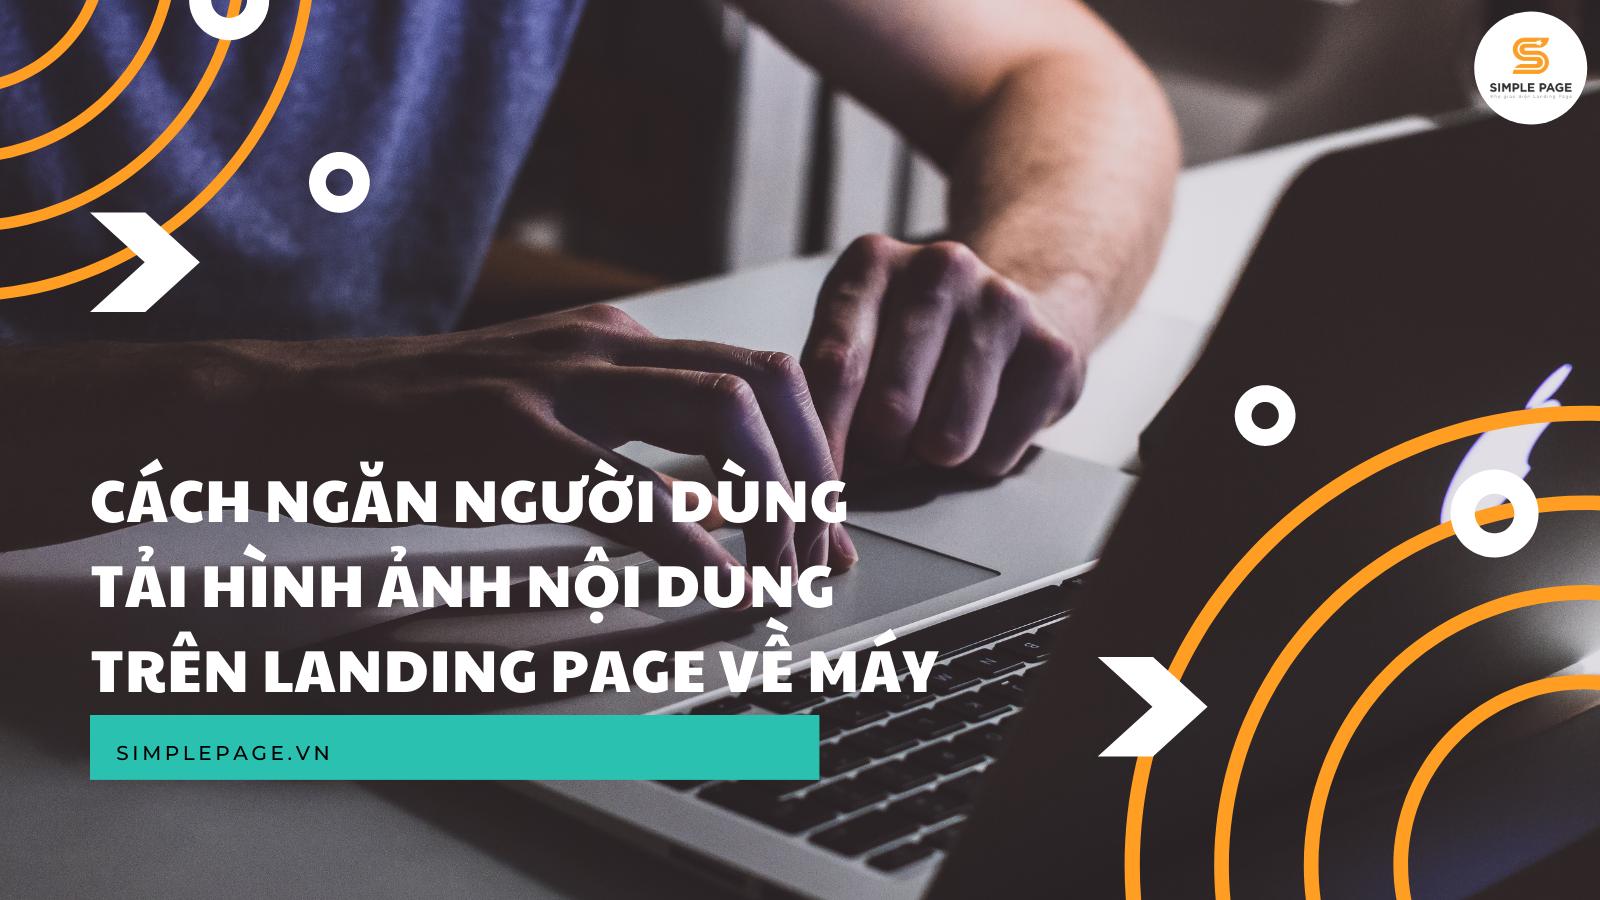 Cách ngăn người dùng tải hình ảnh nội dung trên landing page về máy